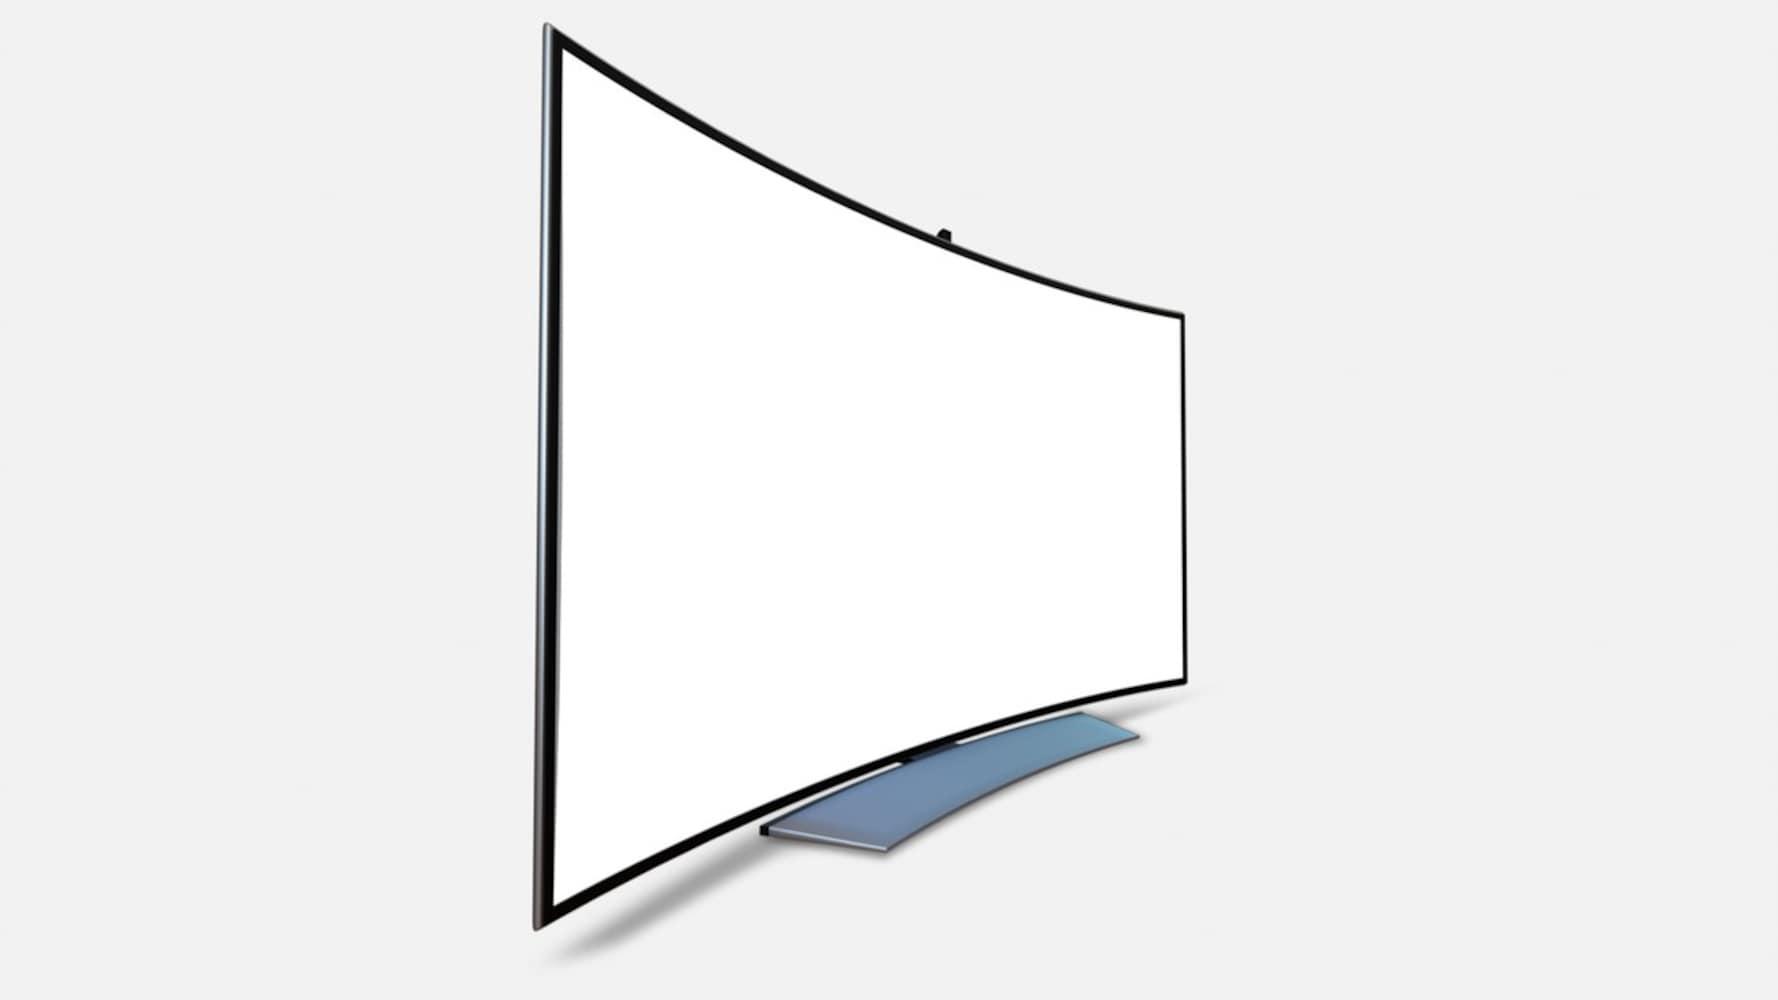 形状 仕事用なら平面タイプ、映画やゲーム用なら曲面タイプ